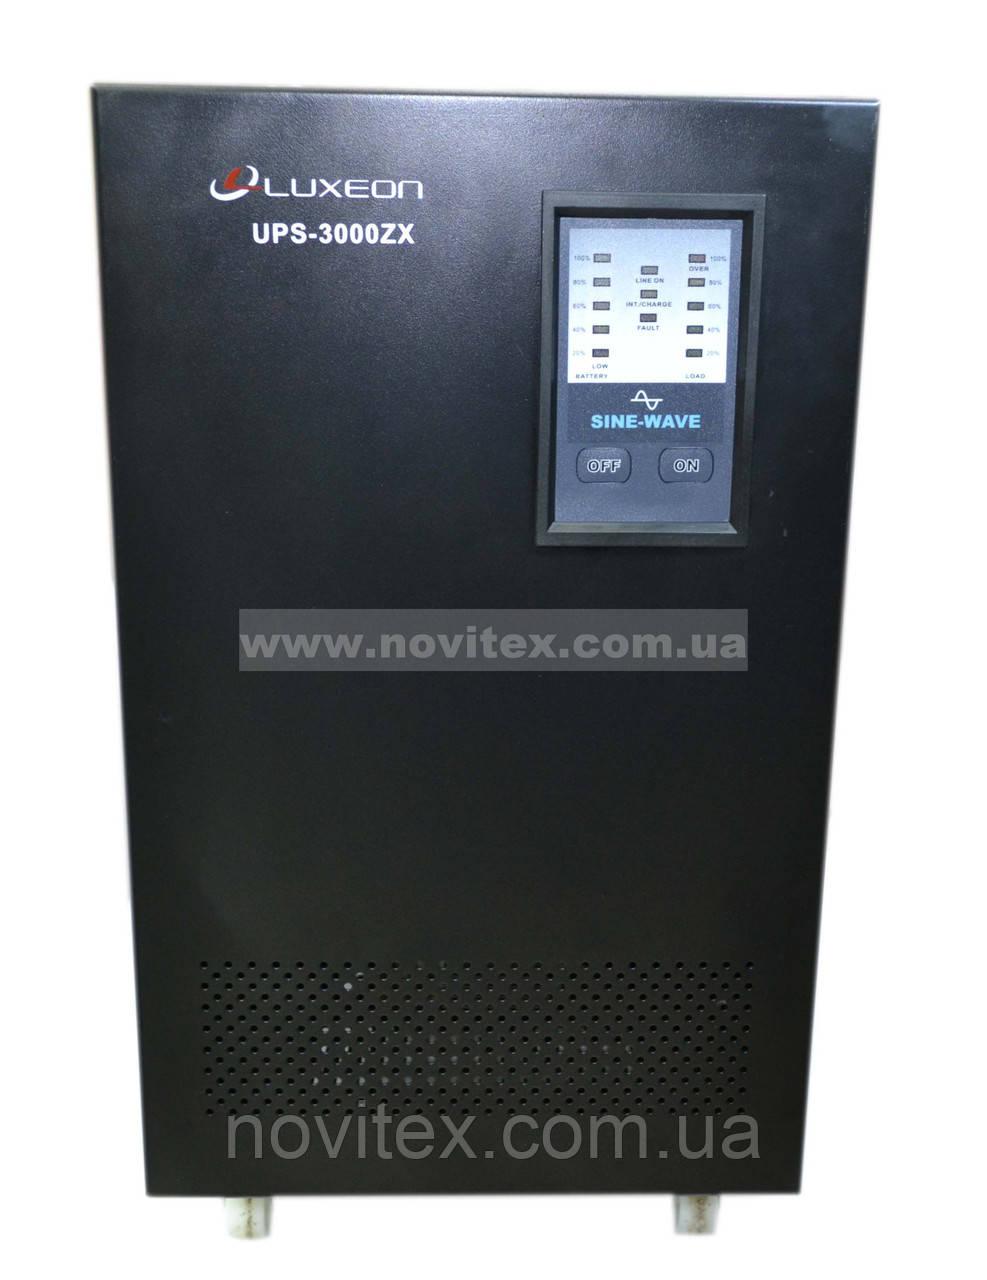 ИБП Luxeon UPS-3000ZX (1800Вт) 48V